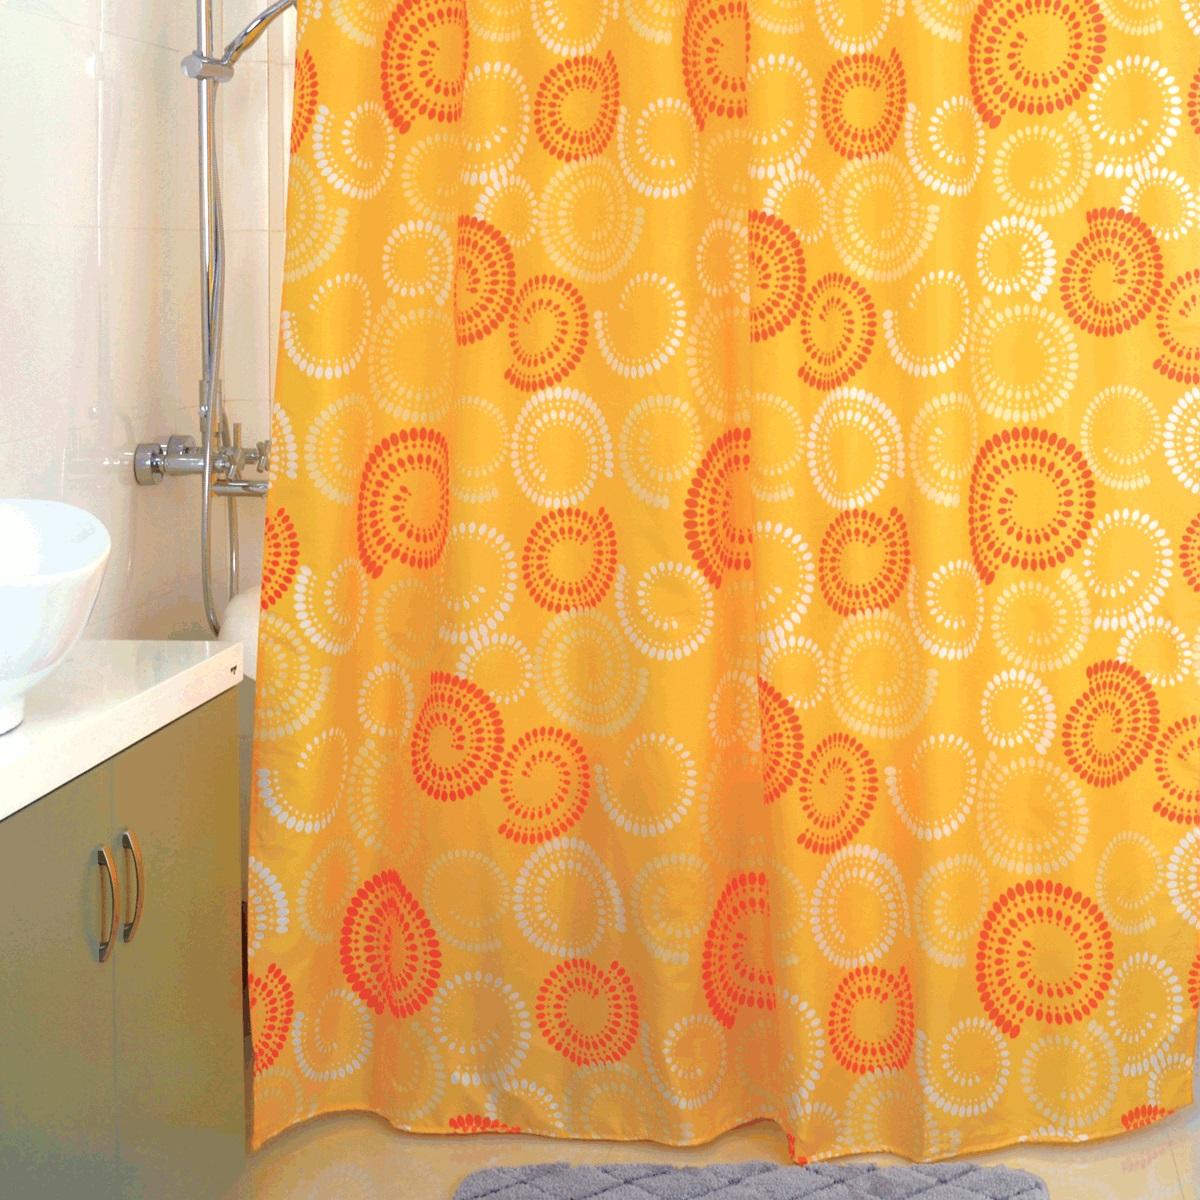 """Штора для ванной Milardo """"Beige Silhouette"""", изготовленная из полиэстера - водонепроницаемого, мягкого на ощупь и прочного материала, идеально защищает ванную комнату от брызг. В верхней кромке шторы предусмотрены пластиковые отверстия для колец, которые входят в комплект.Штора Milardo """"Beige Silhouette"""" порадует вас своим ярким дизайном и добавит уюта в ванную комнату. Плотность: 80 г/м.Количество колец: 12 шт."""